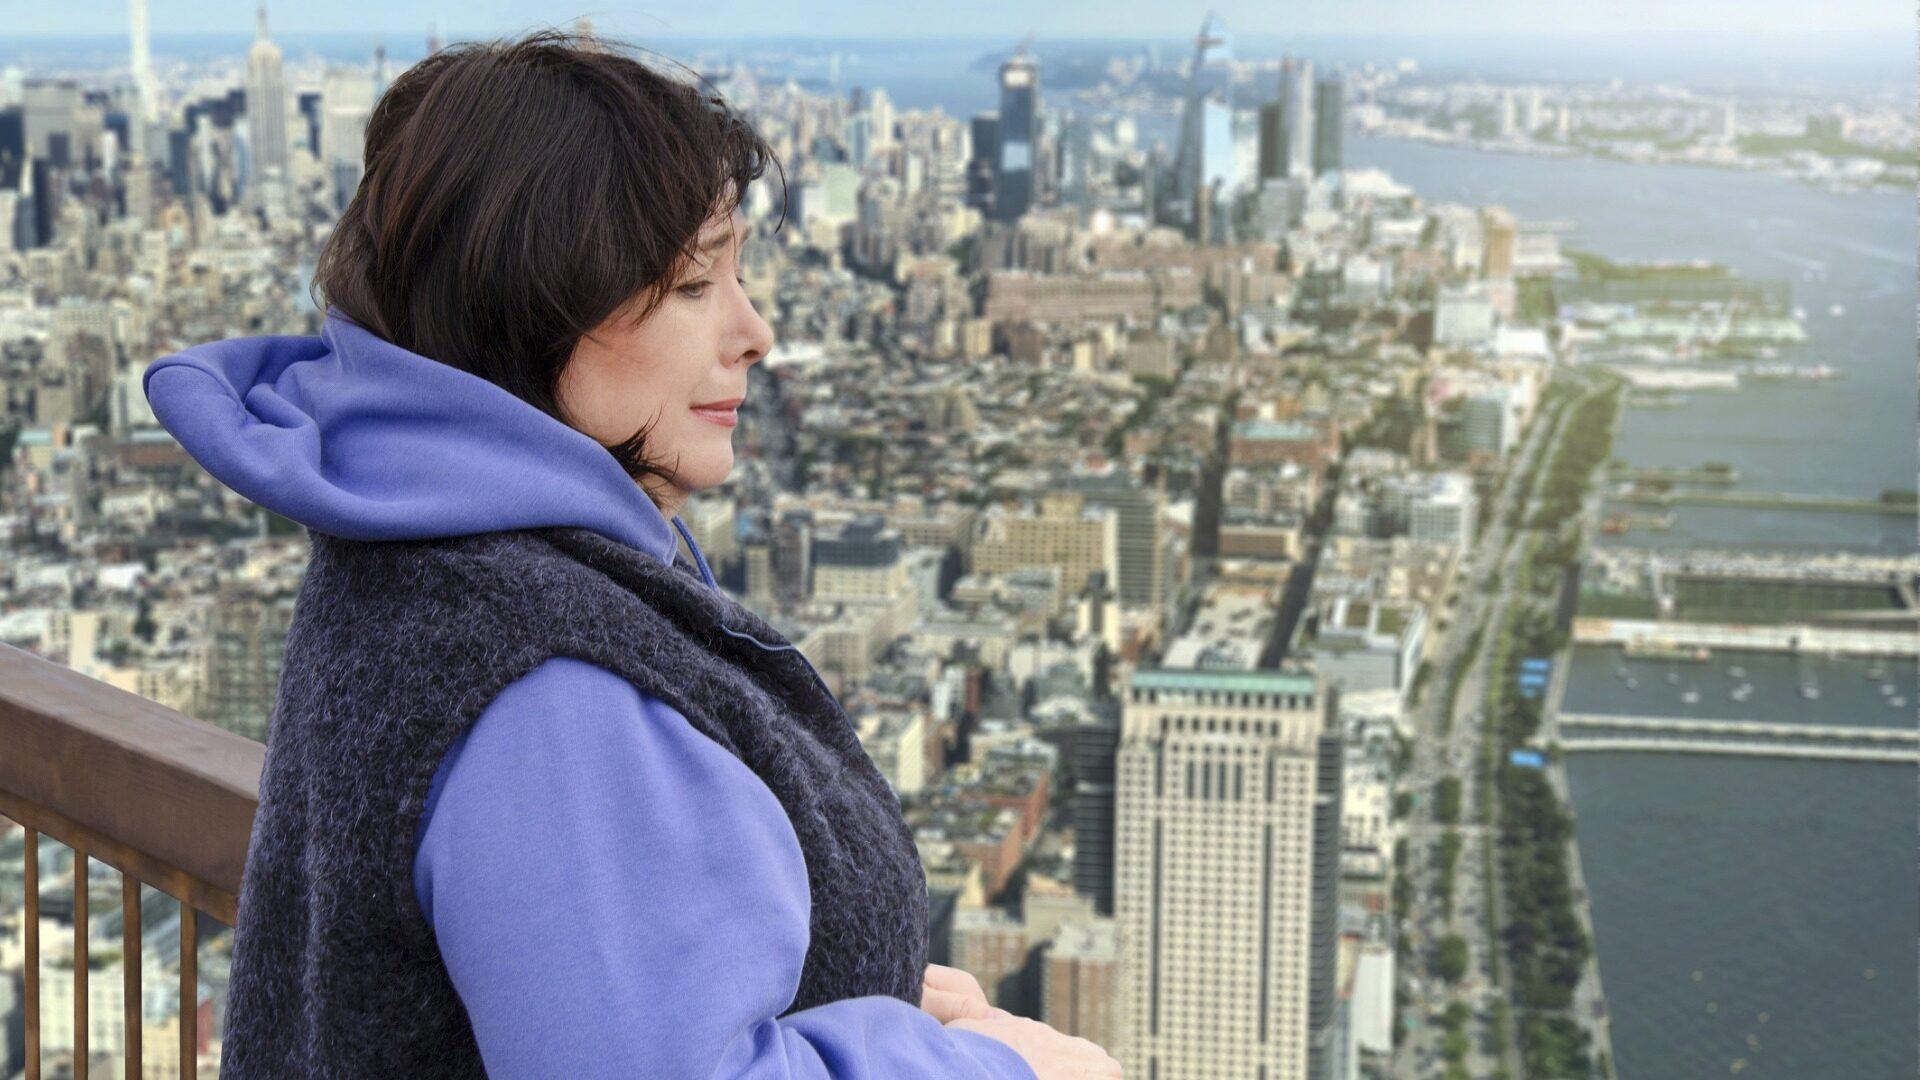 Korkean paikan kammo voi aiheuttaa epämiellyttäviä tunteita, kuten sydämentykytystä, huimausta ja hikoilua.